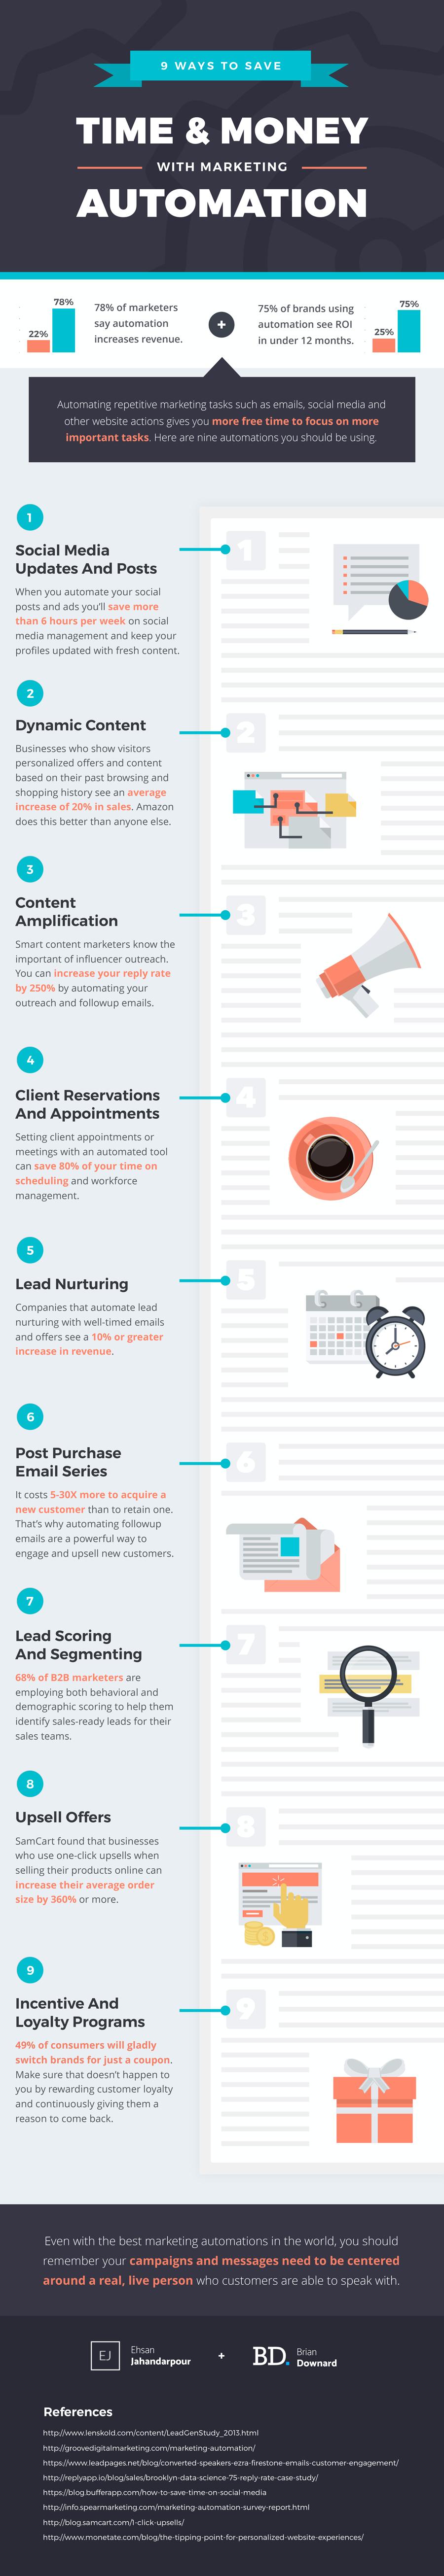 Infográfico - Automação de Marketing MindSEO